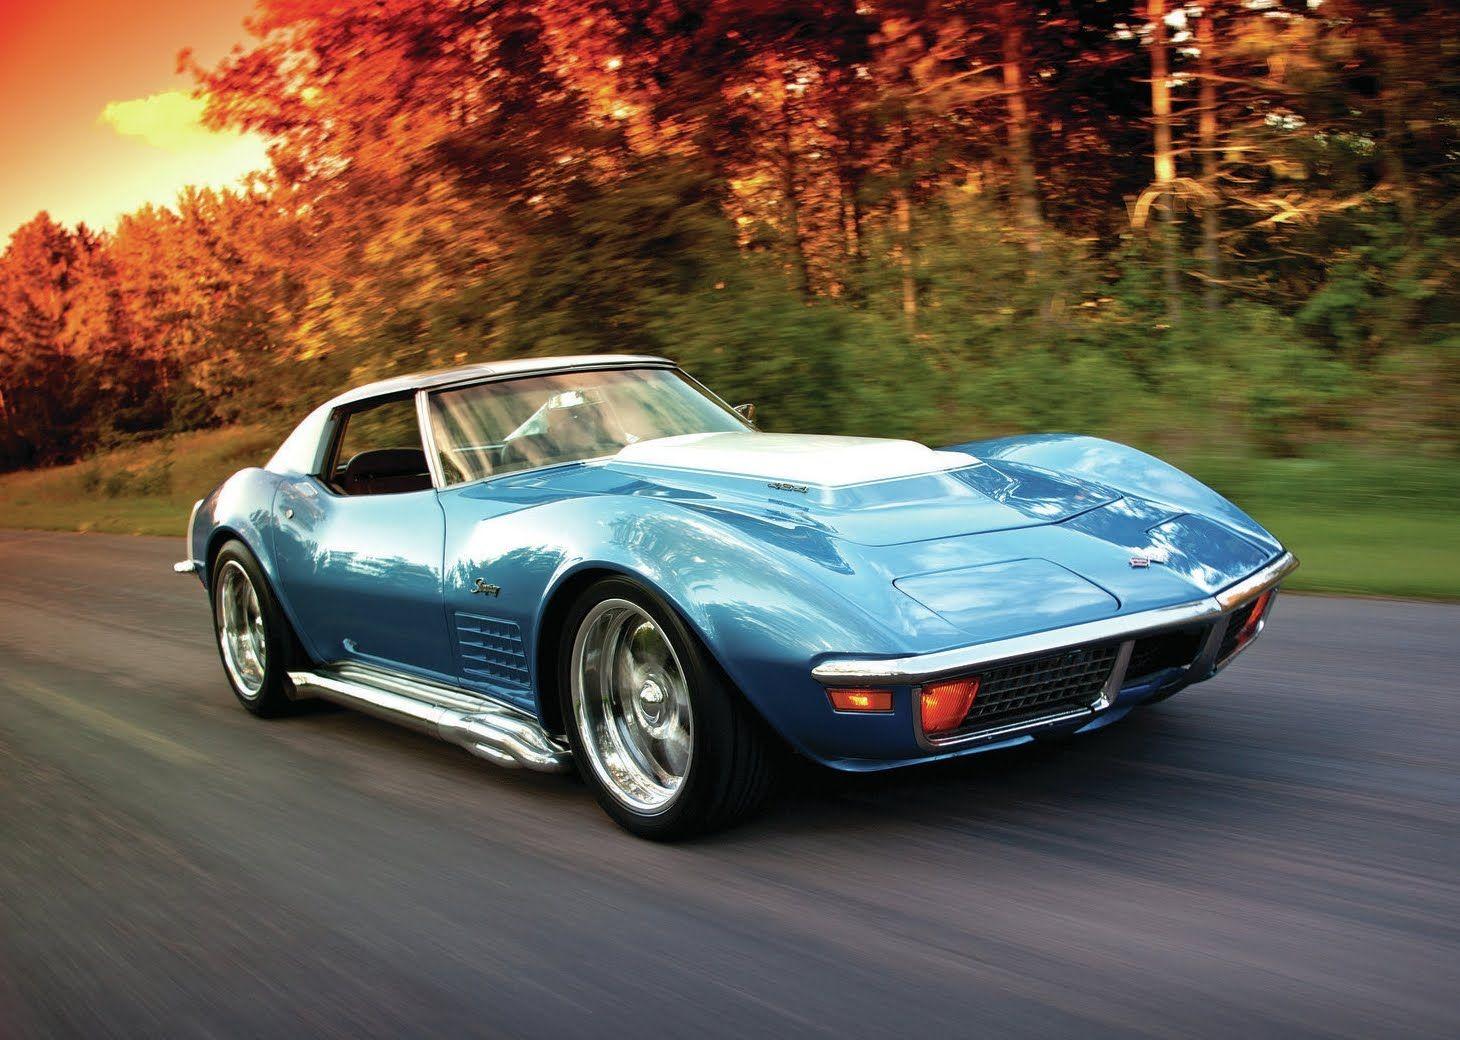 Kelebihan Corvette 1972 Tangguh